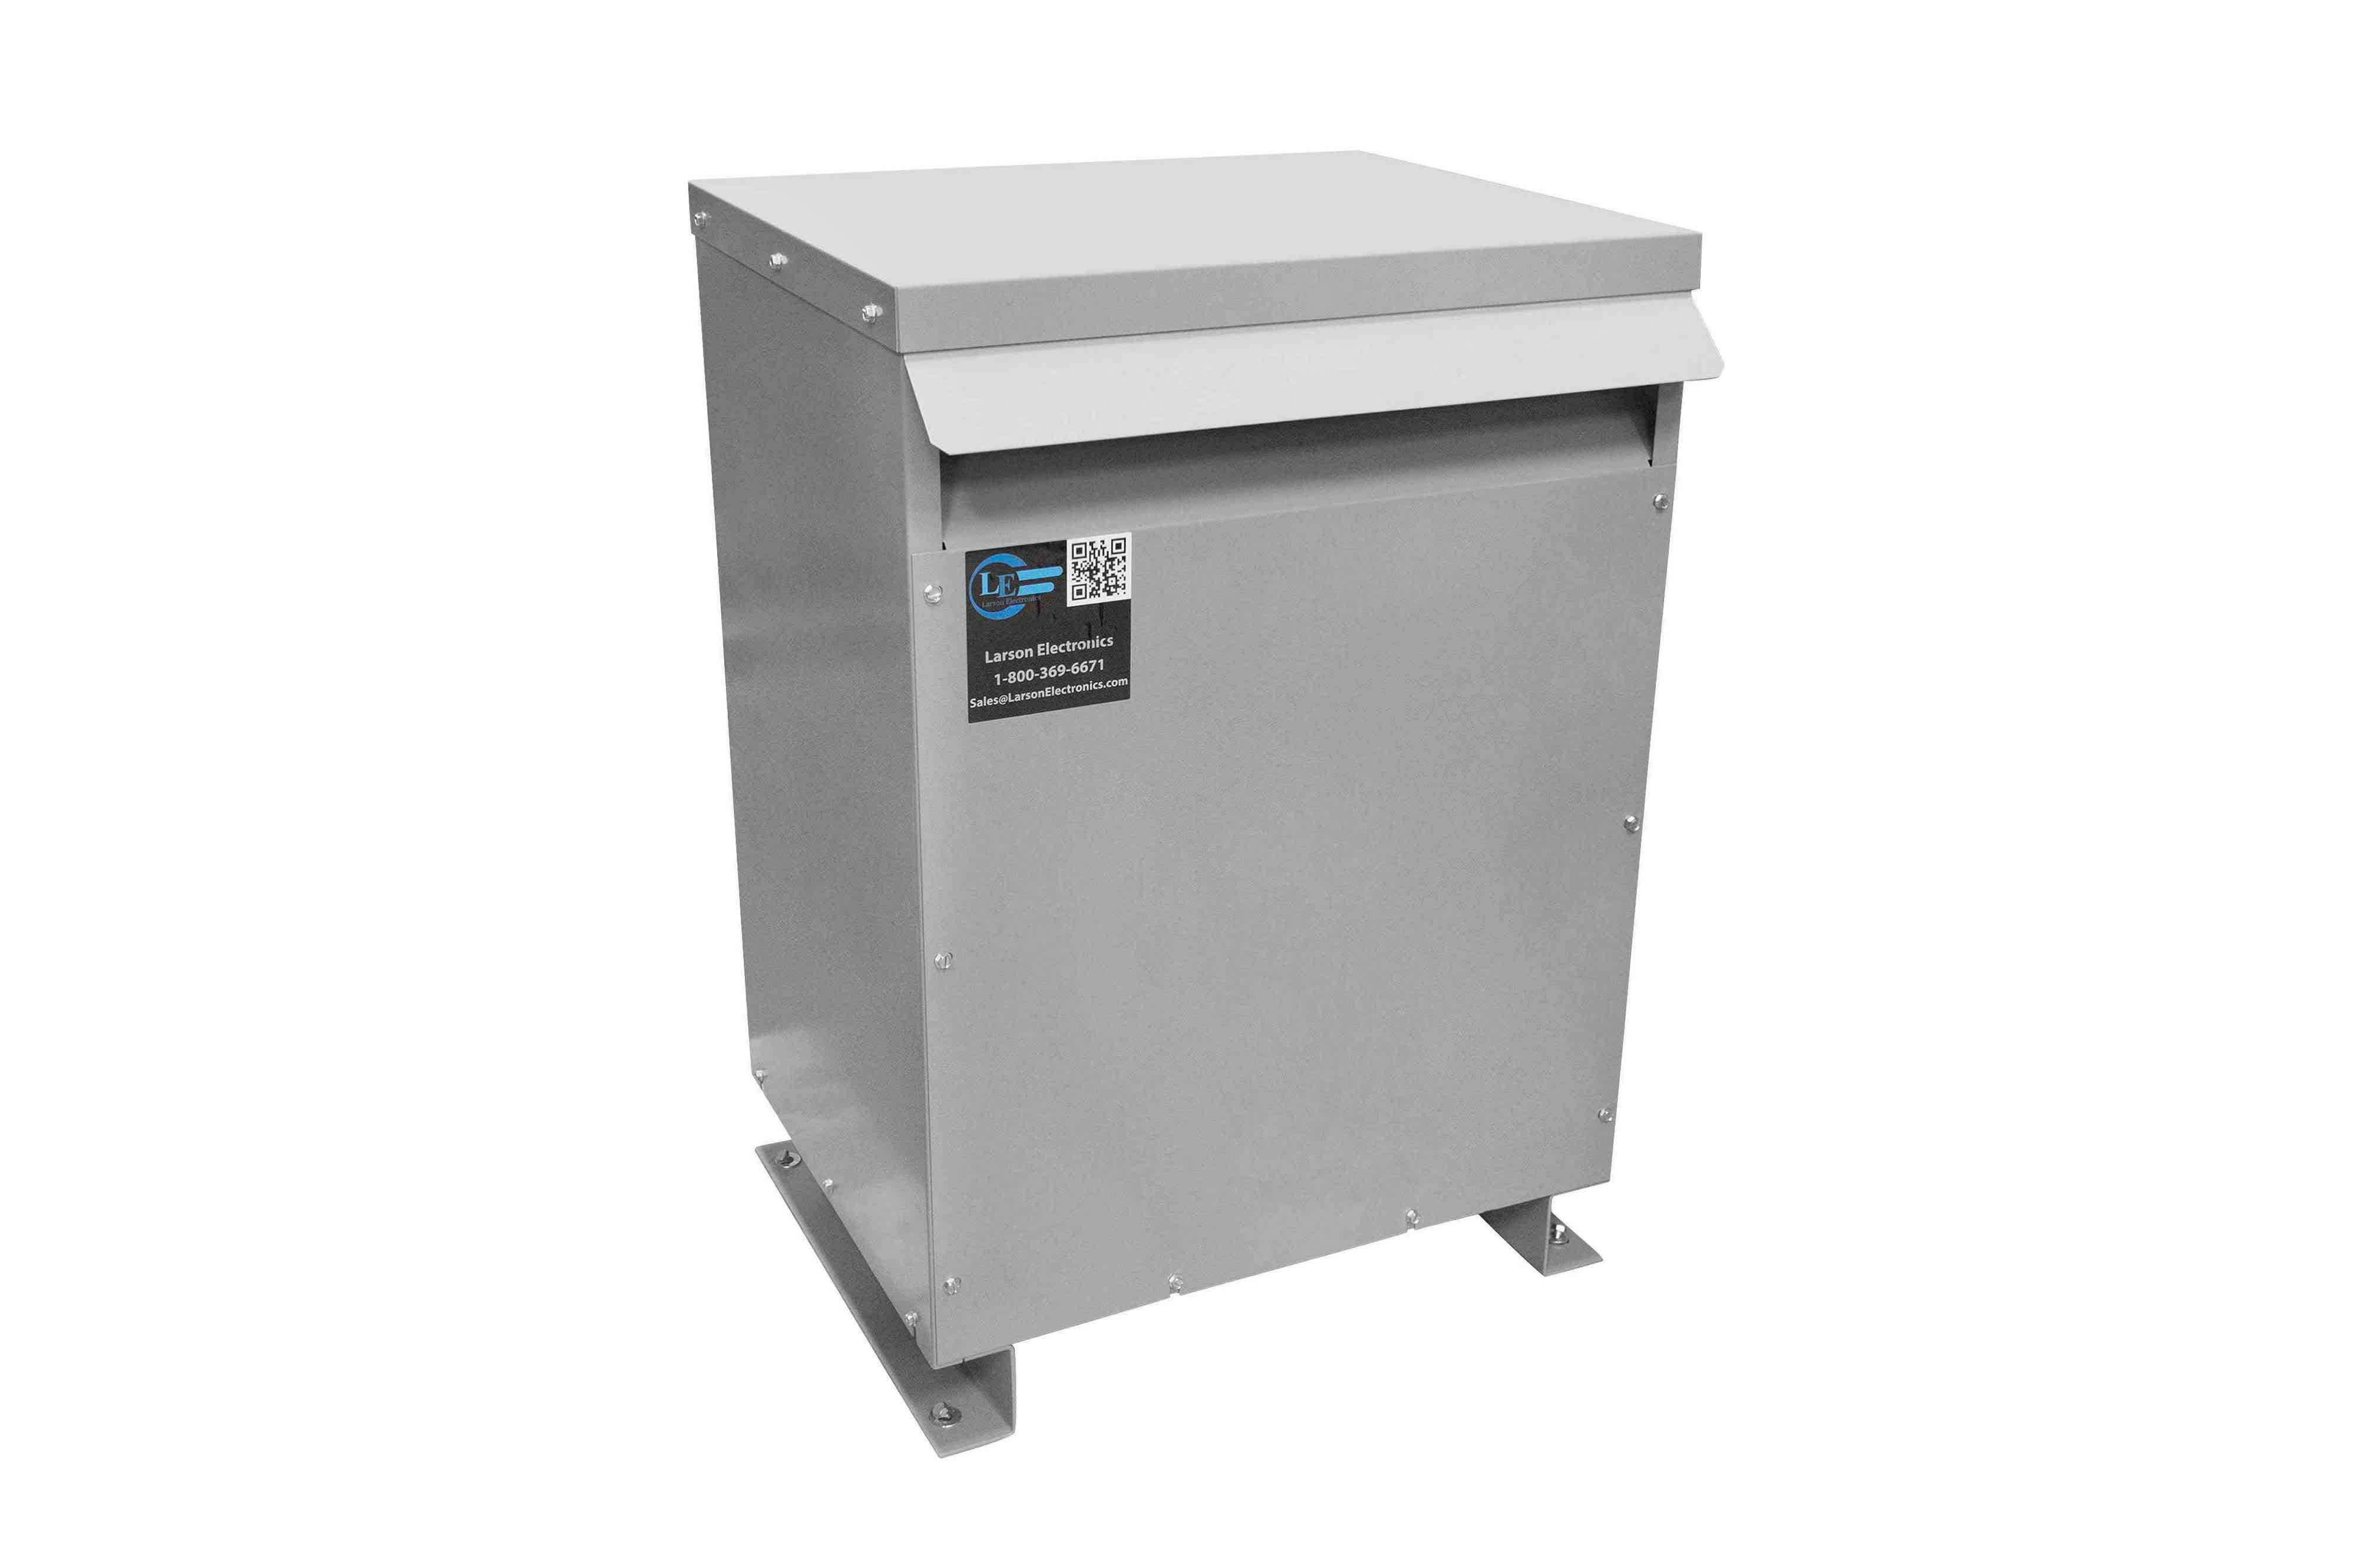 275 kVA 3PH Isolation Transformer, 460V Delta Primary, 415V Delta Secondary, N3R, Ventilated, 60 Hz